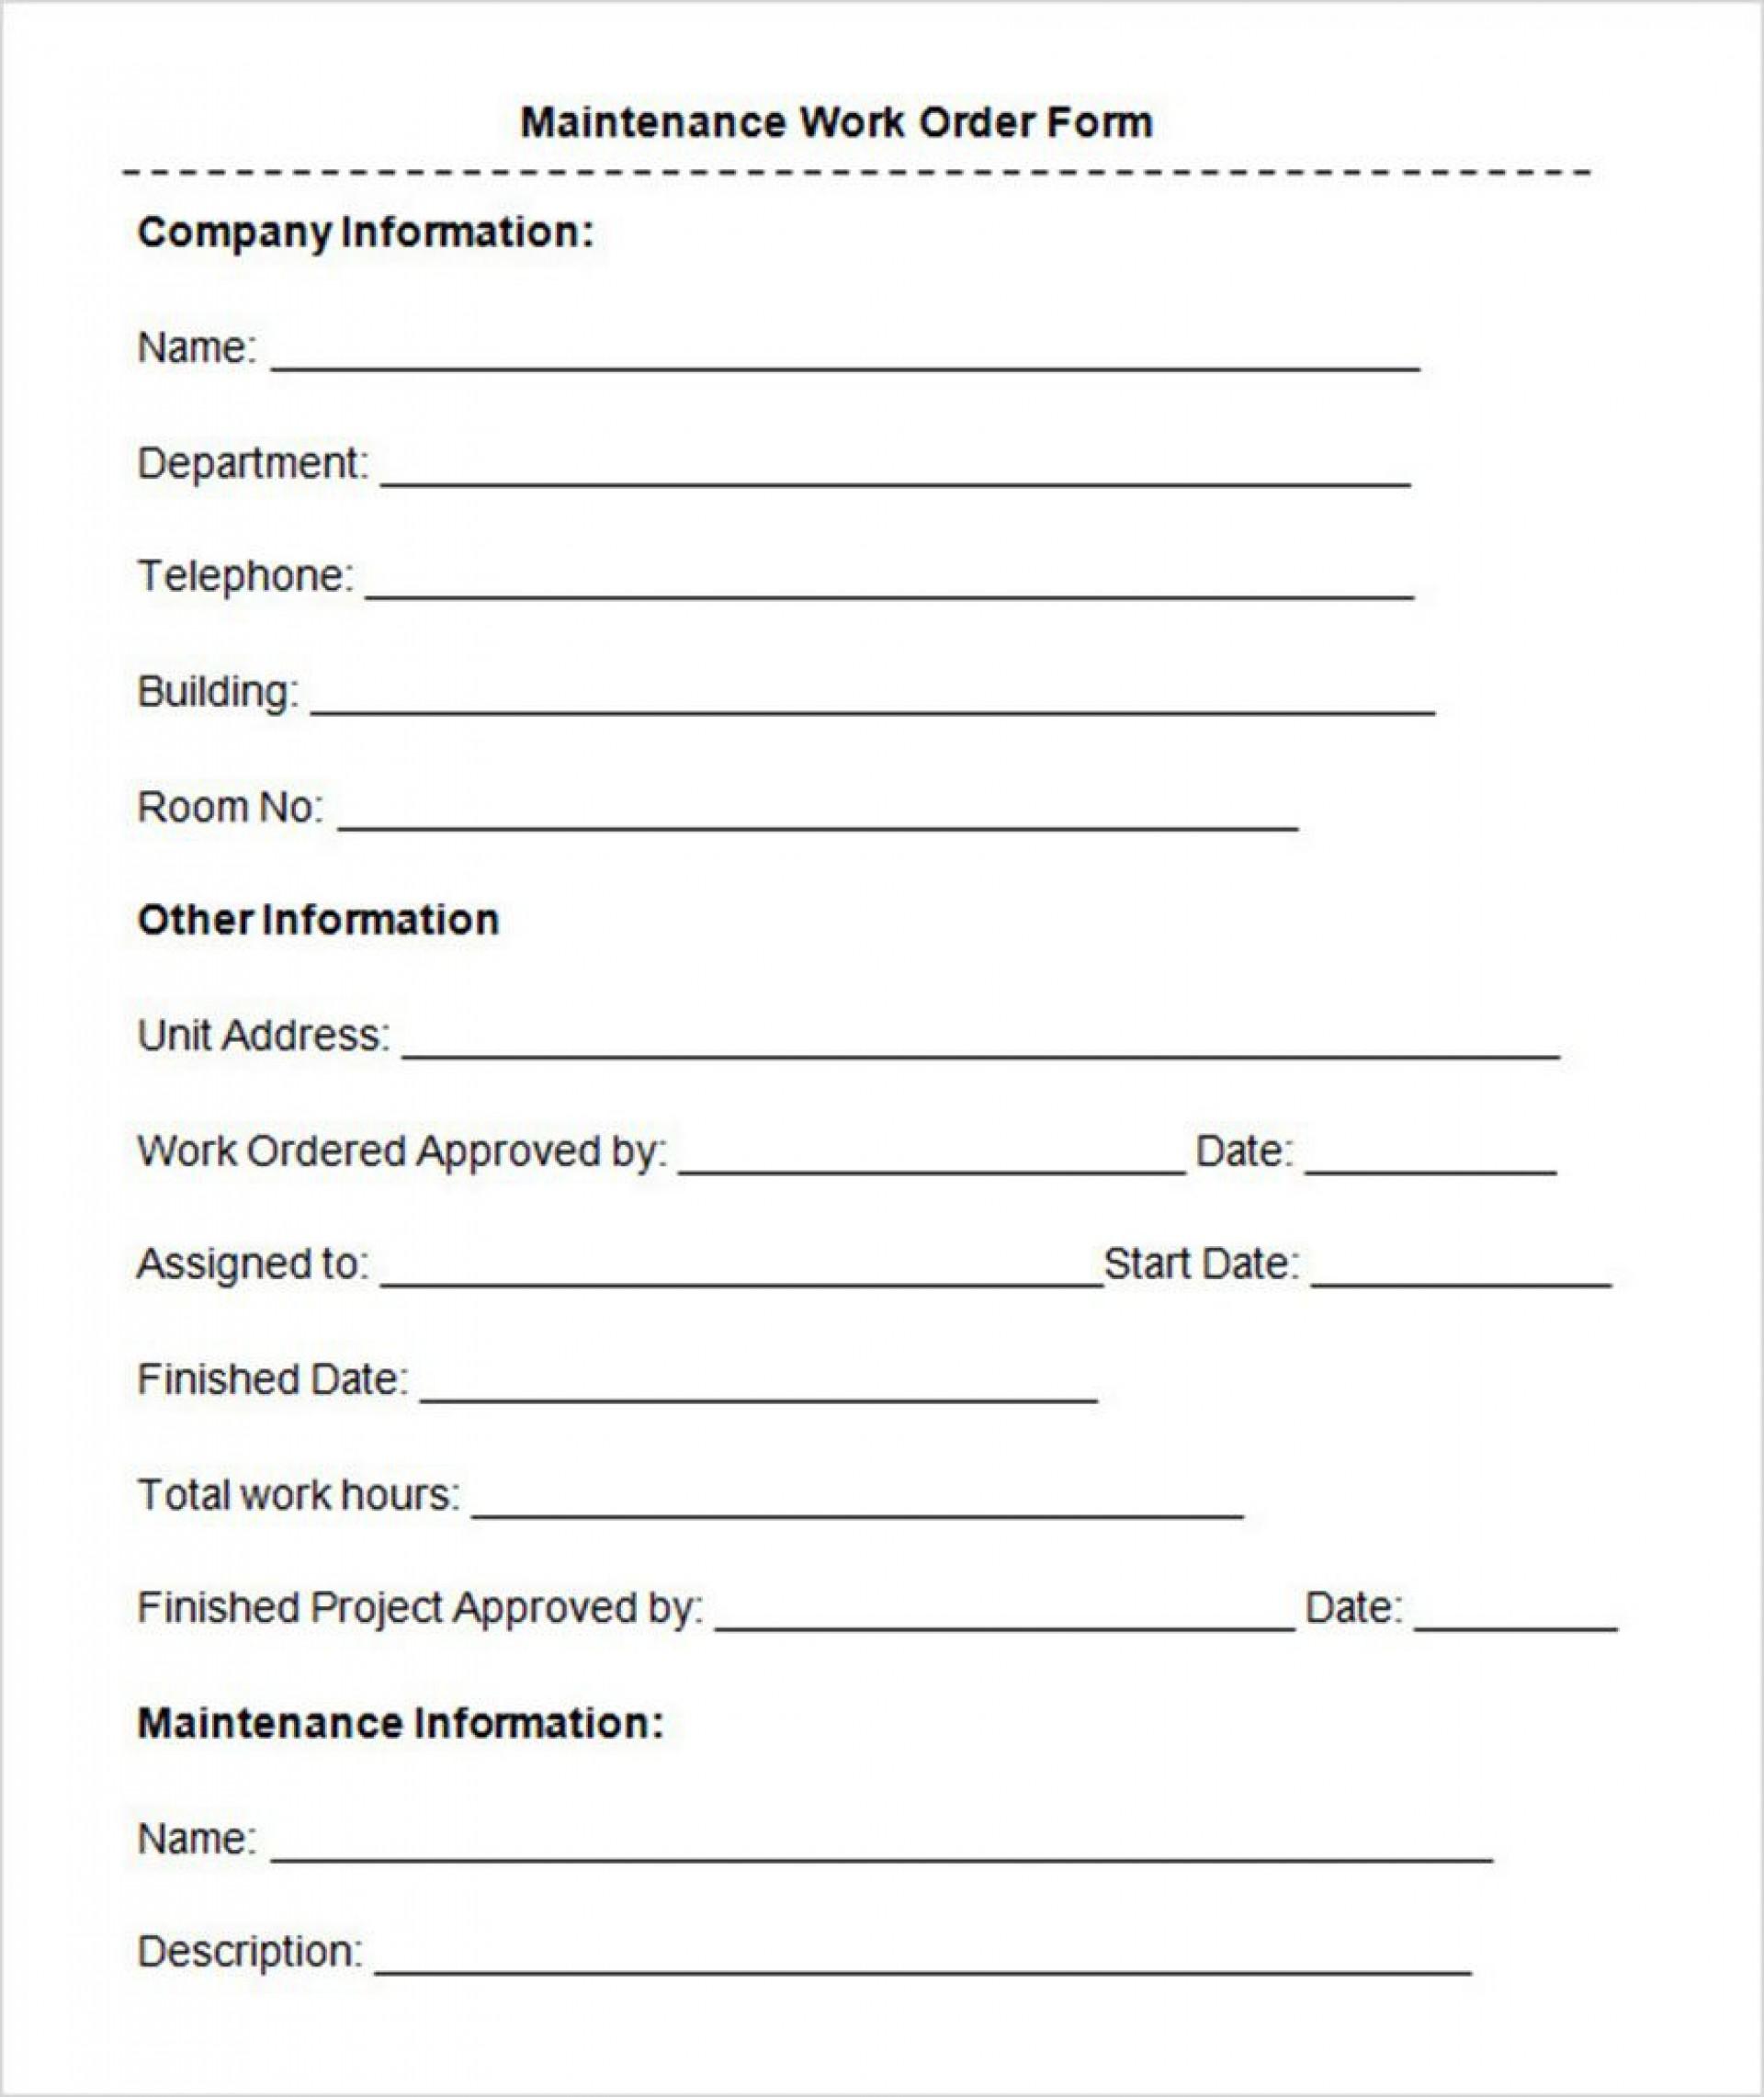 008 Marvelou Maintenance Work Order Template Design  Form Free Sample1920